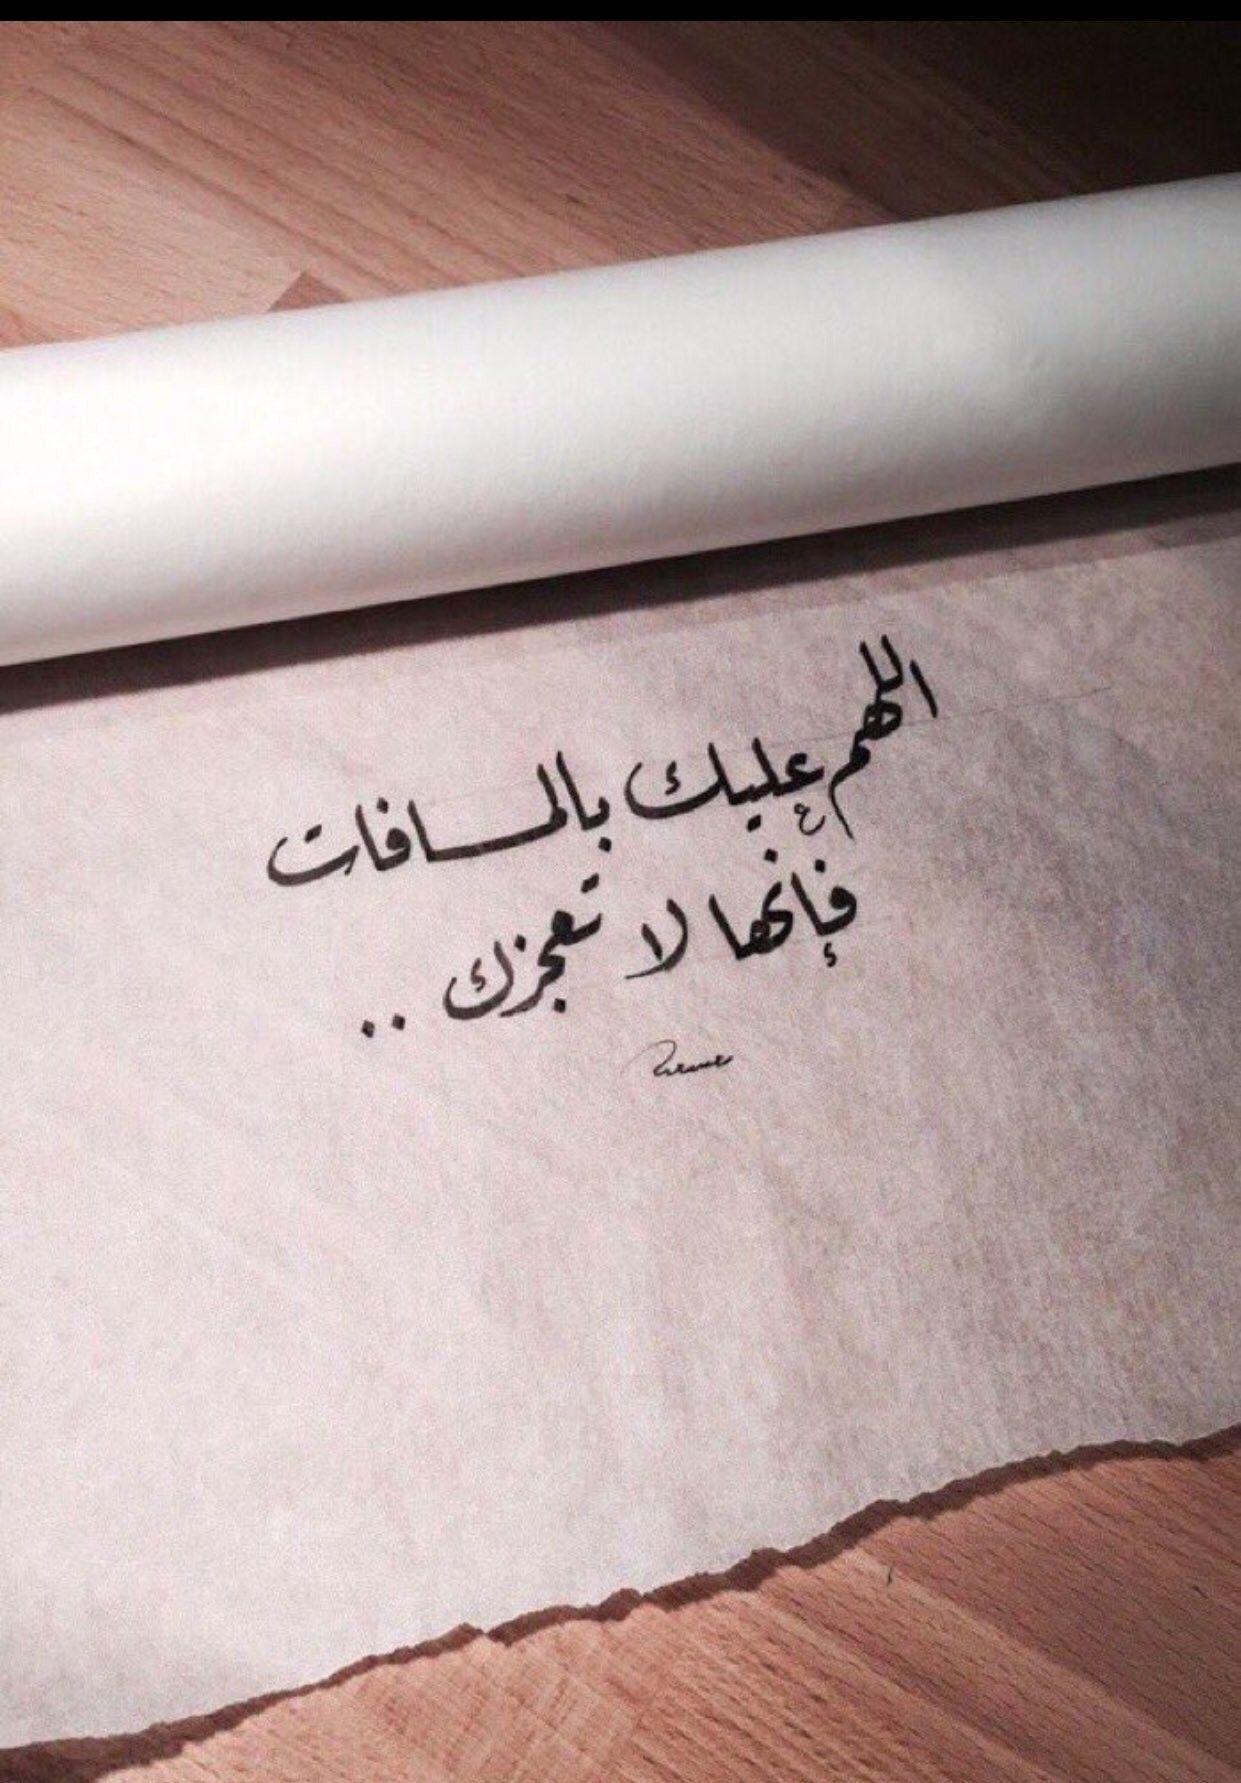 بالصور رسائل شوق للحبيب , اجمل كلمات تعبر عن الاشتياق لمن تحب مره روعه 5086 9